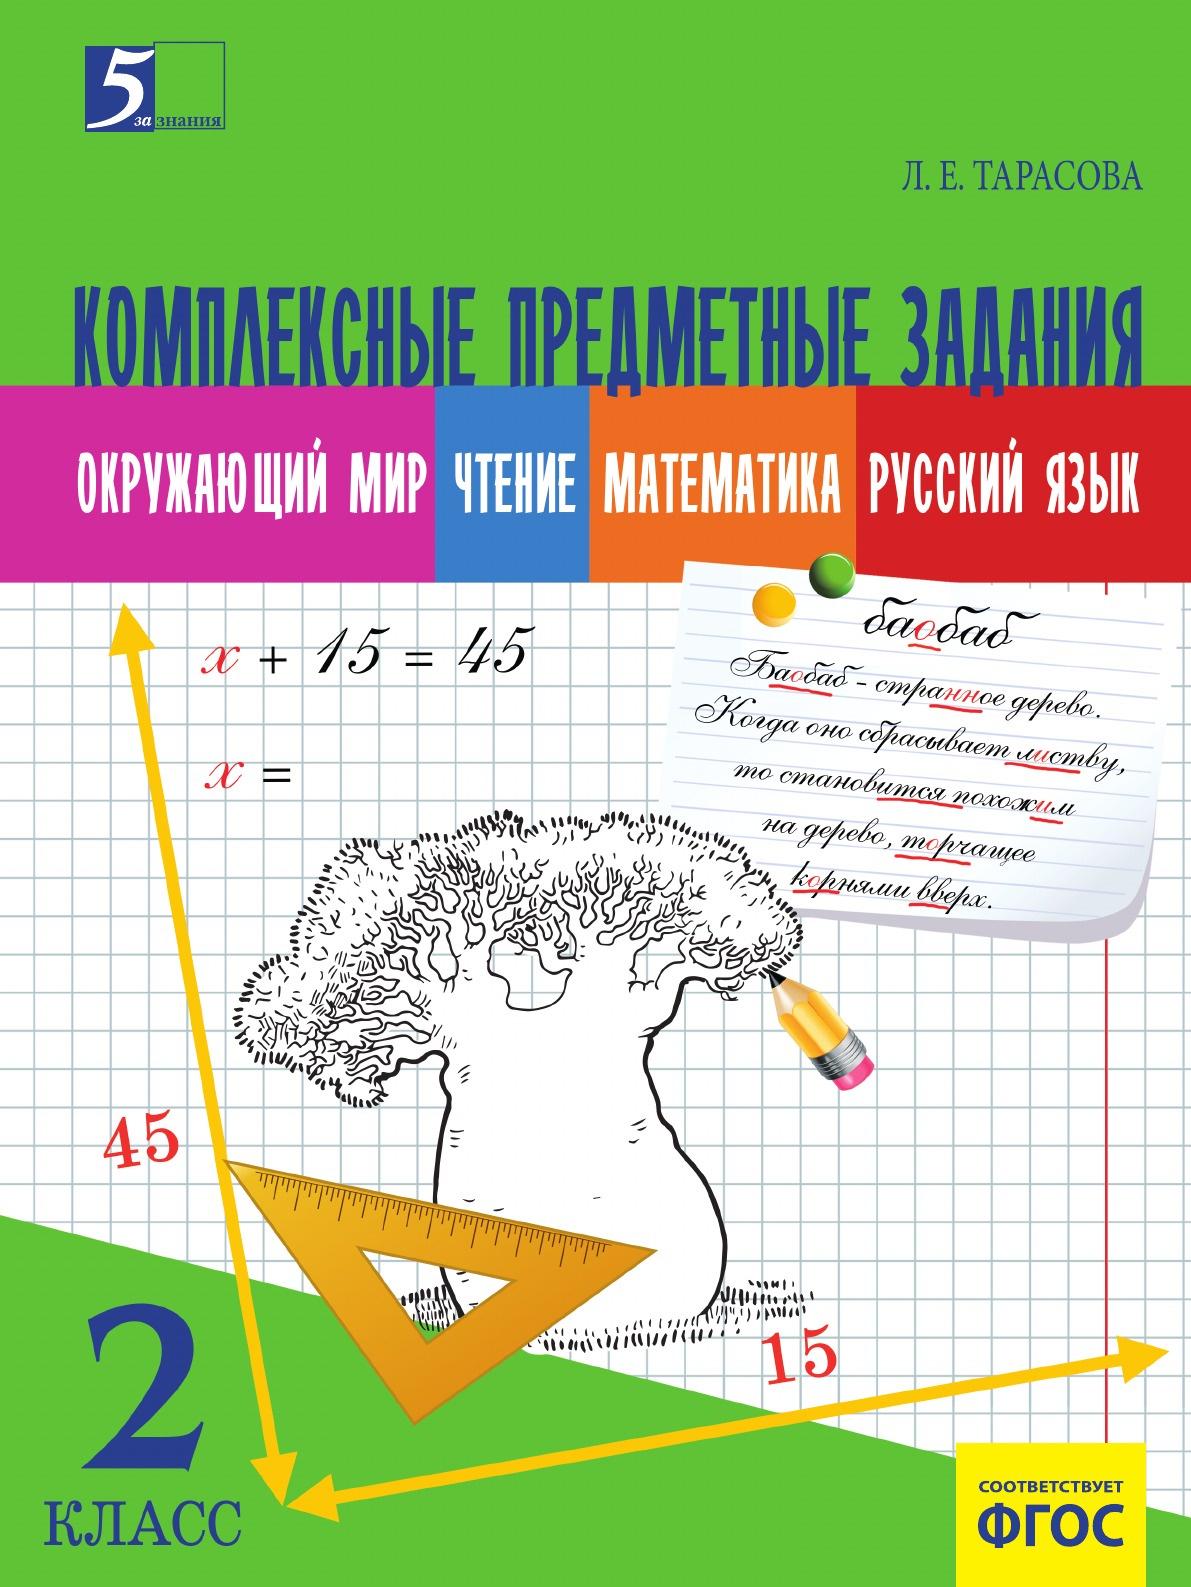 Тарасова Л.Е. Комплексные предметные задания по окружающему миру, чтению, математике, русскому языку. (2 класс) для начальной школы